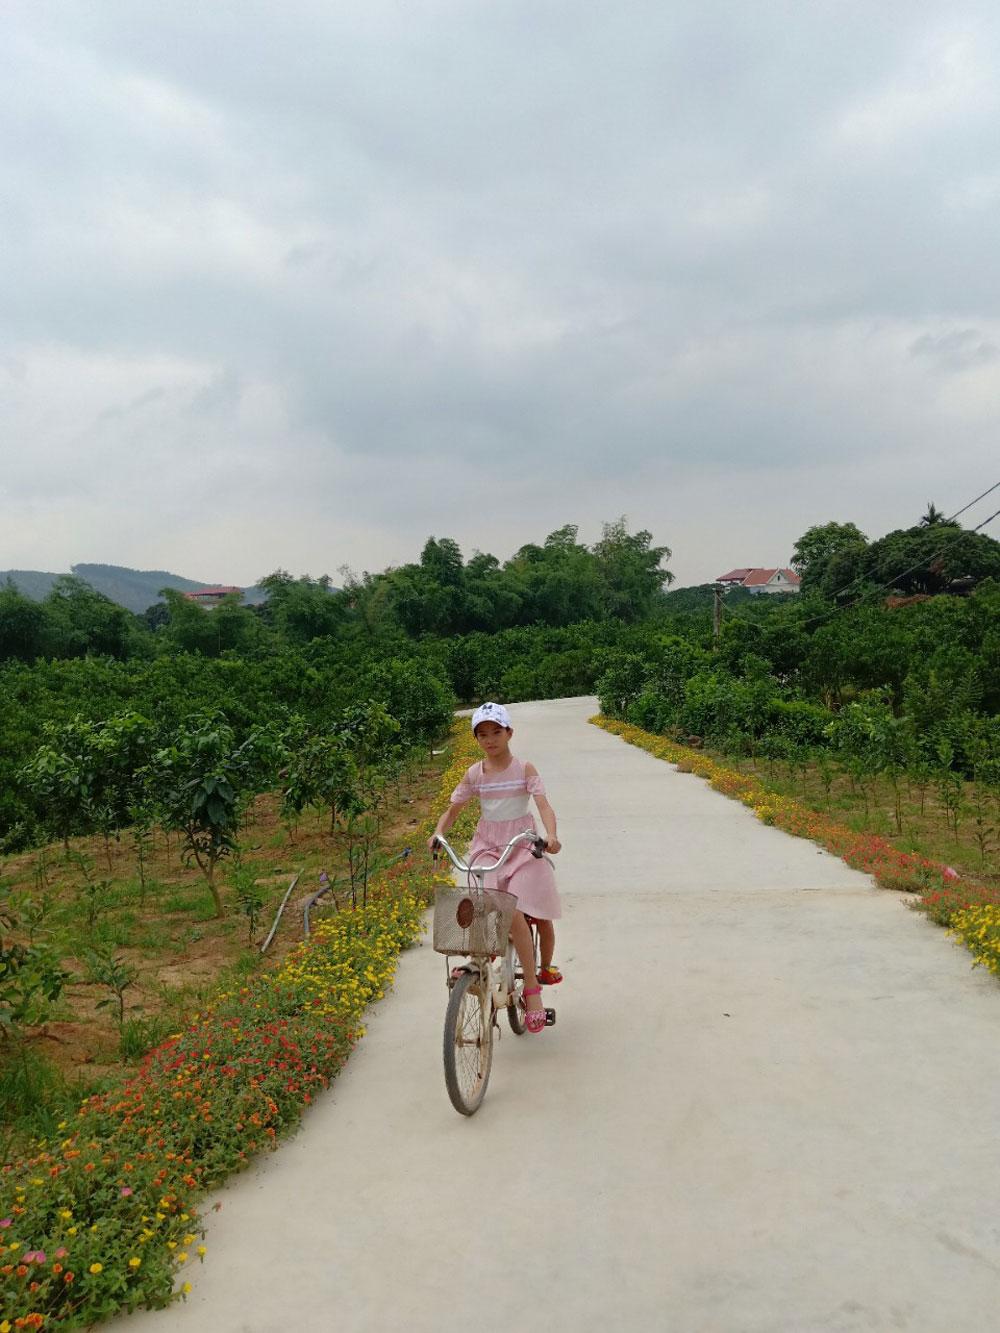 giao thông nông thôn, xi măng, Bắc Giang, Lục Ngạn